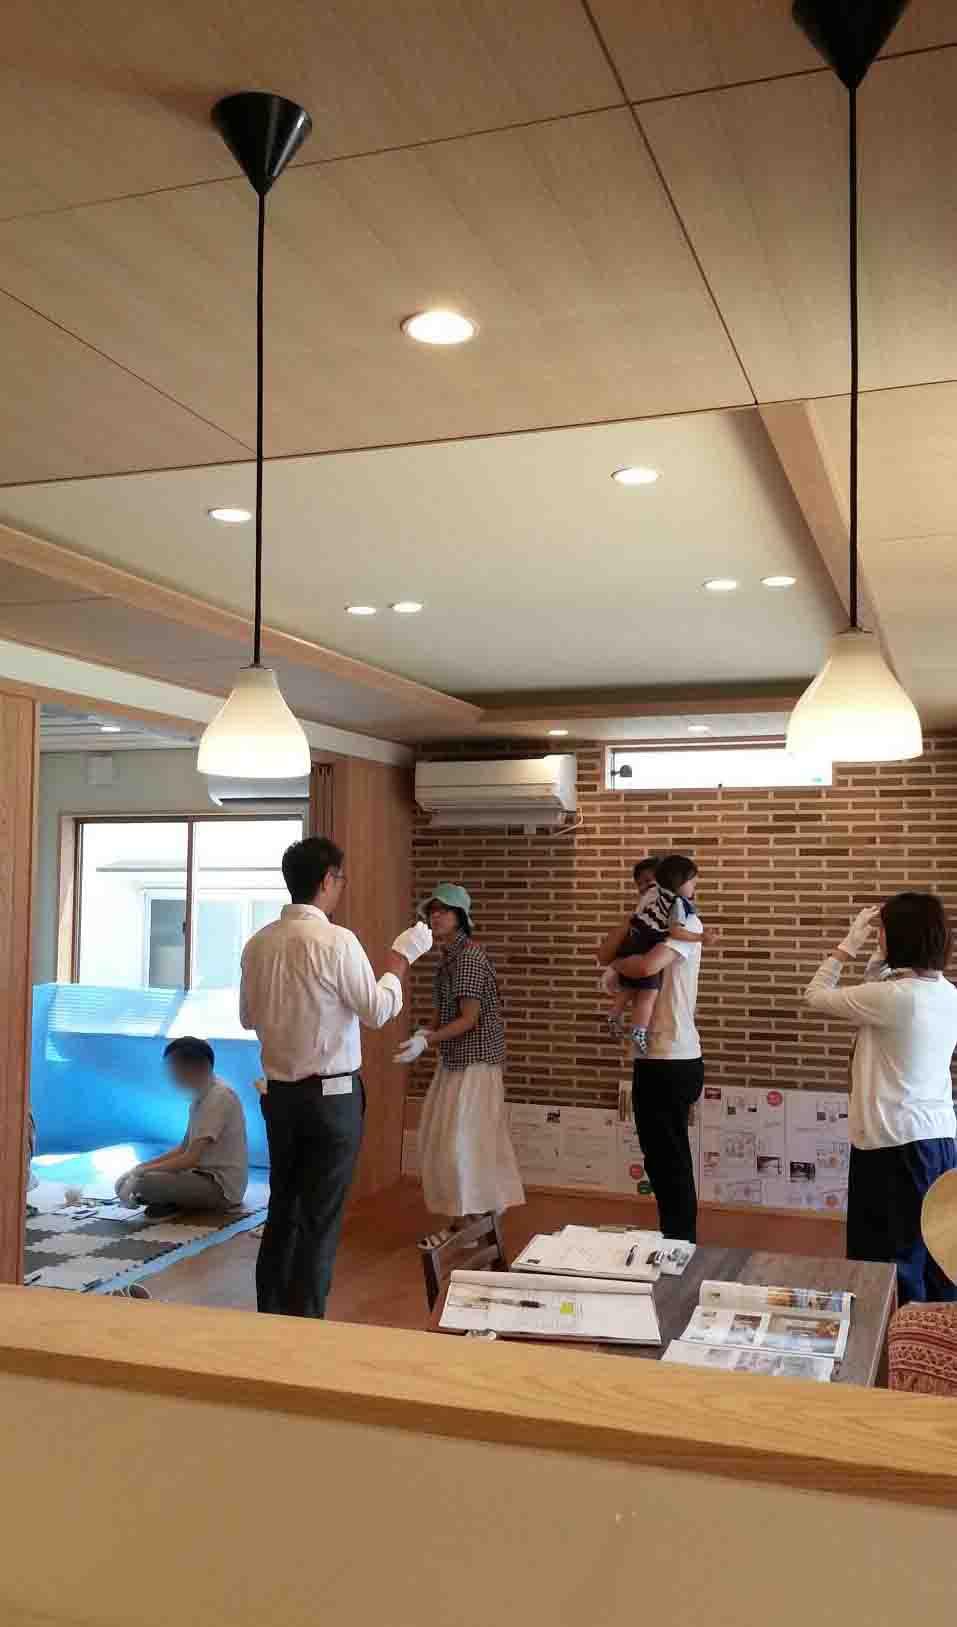 岡山市南区立川町 はぐくむ家の建物完成見学会の様子 その1